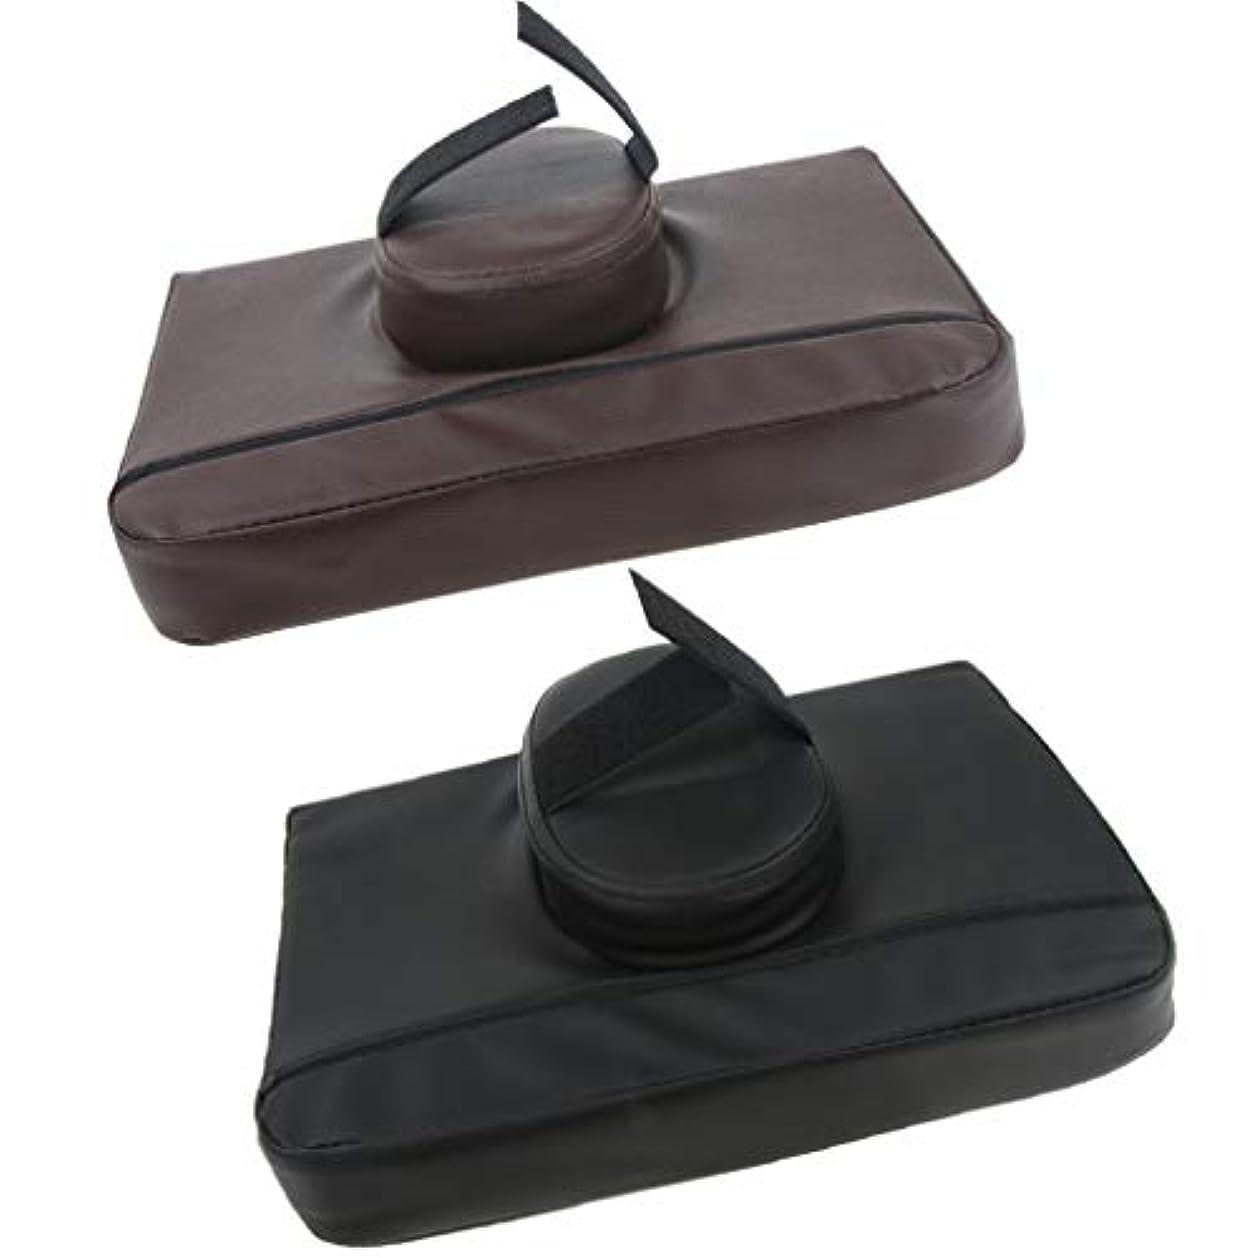 固執スクワイア無許可2個 マッサージ枕 マッサージピロー スクエア マッサージテーブル用 通気性 快適 プレゼント